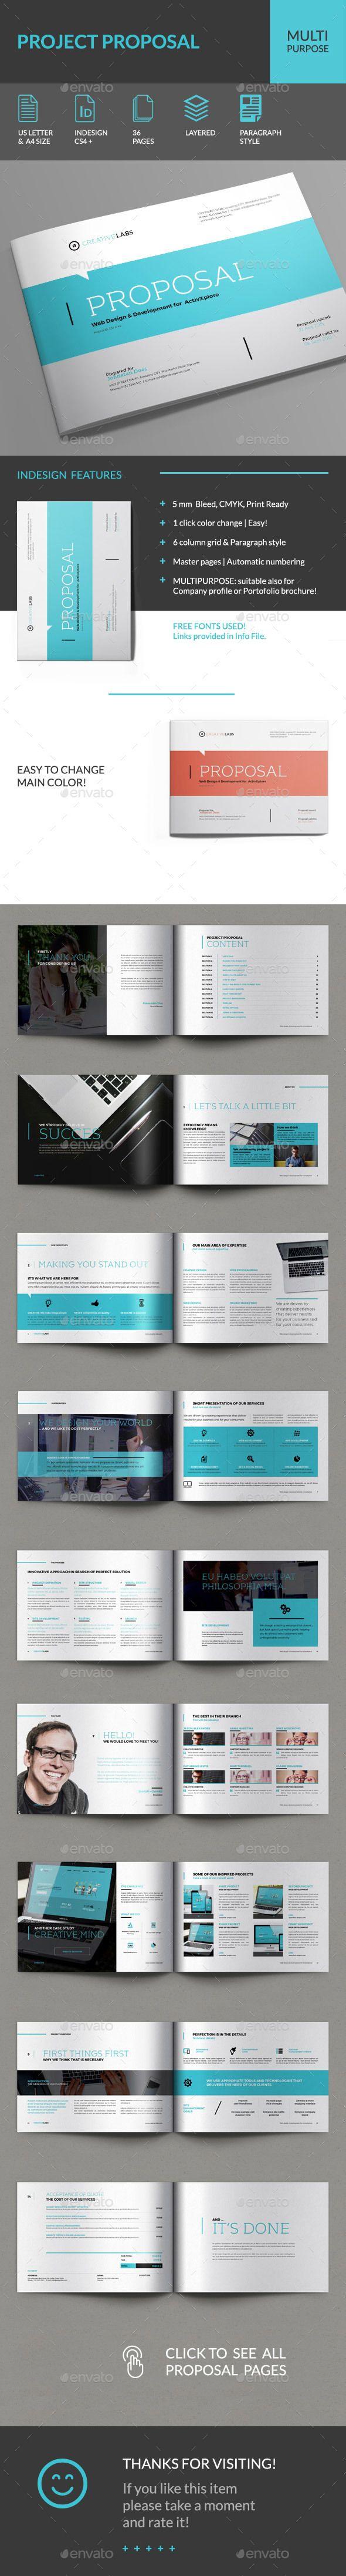 Proposal Template InDesign INDD #design Download: http://graphicriver.net/item/proposal/14491505?ref=ksioks